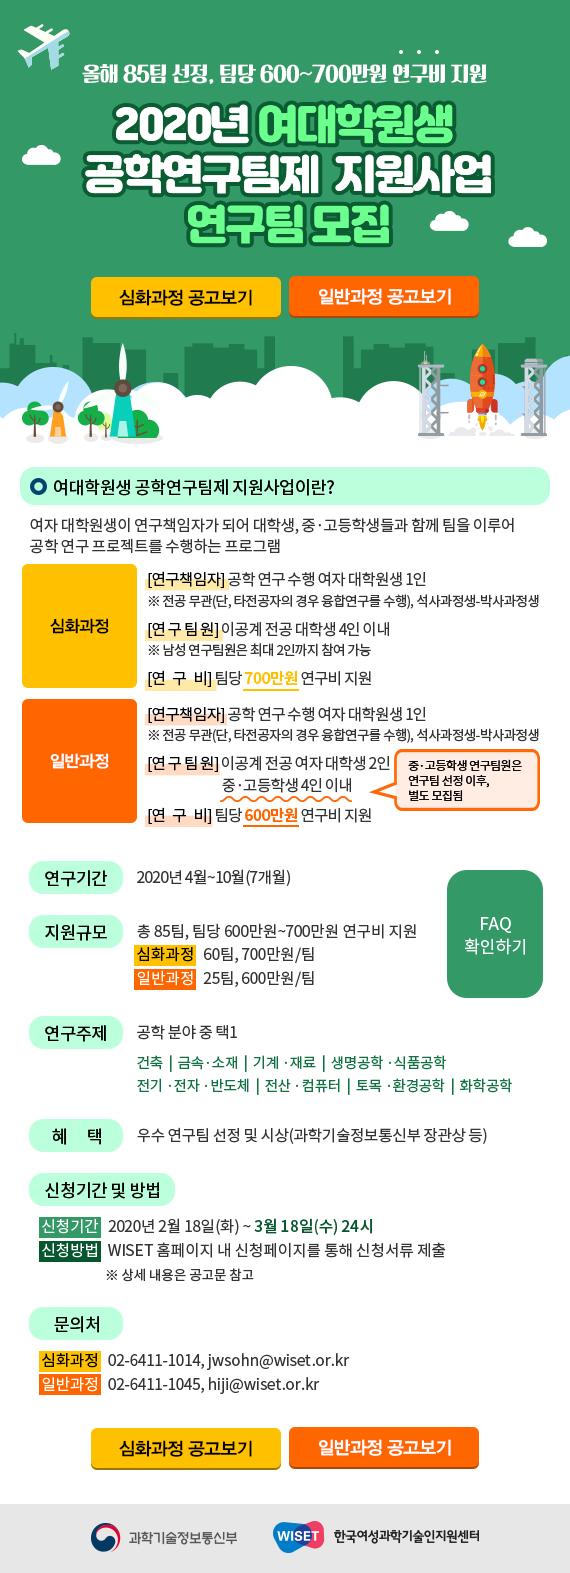 1. 초청장_공학연구팀제 연구팀 모집.png